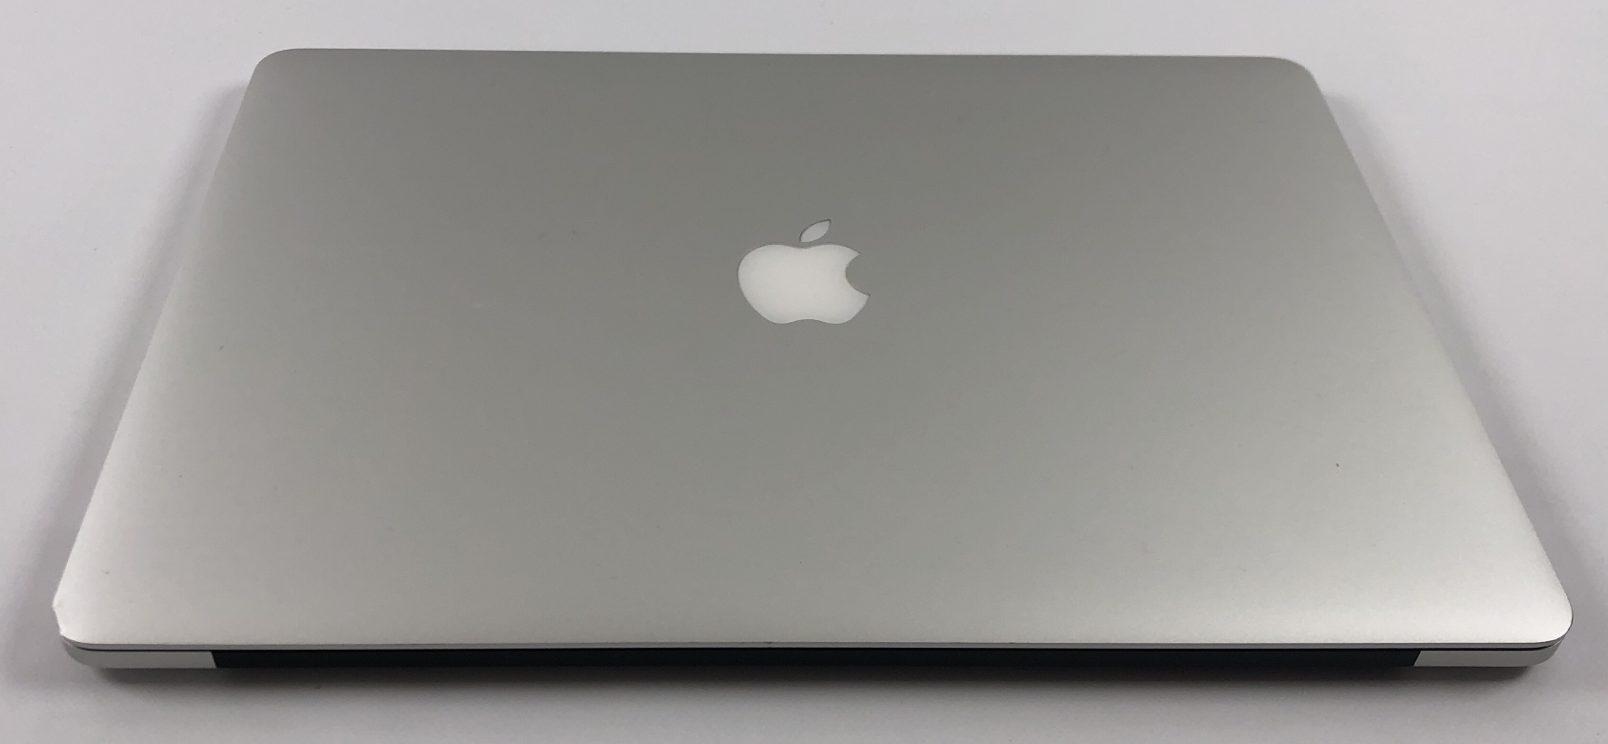 """MacBook Pro Retina 15"""" Mid 2015 (Intel Quad-Core i7 2.5 GHz 16 GB RAM 512 GB SSD), Intel Quad-Core i7 2.5 GHz, 16 GB RAM, 512 GB SSD, bild 2"""